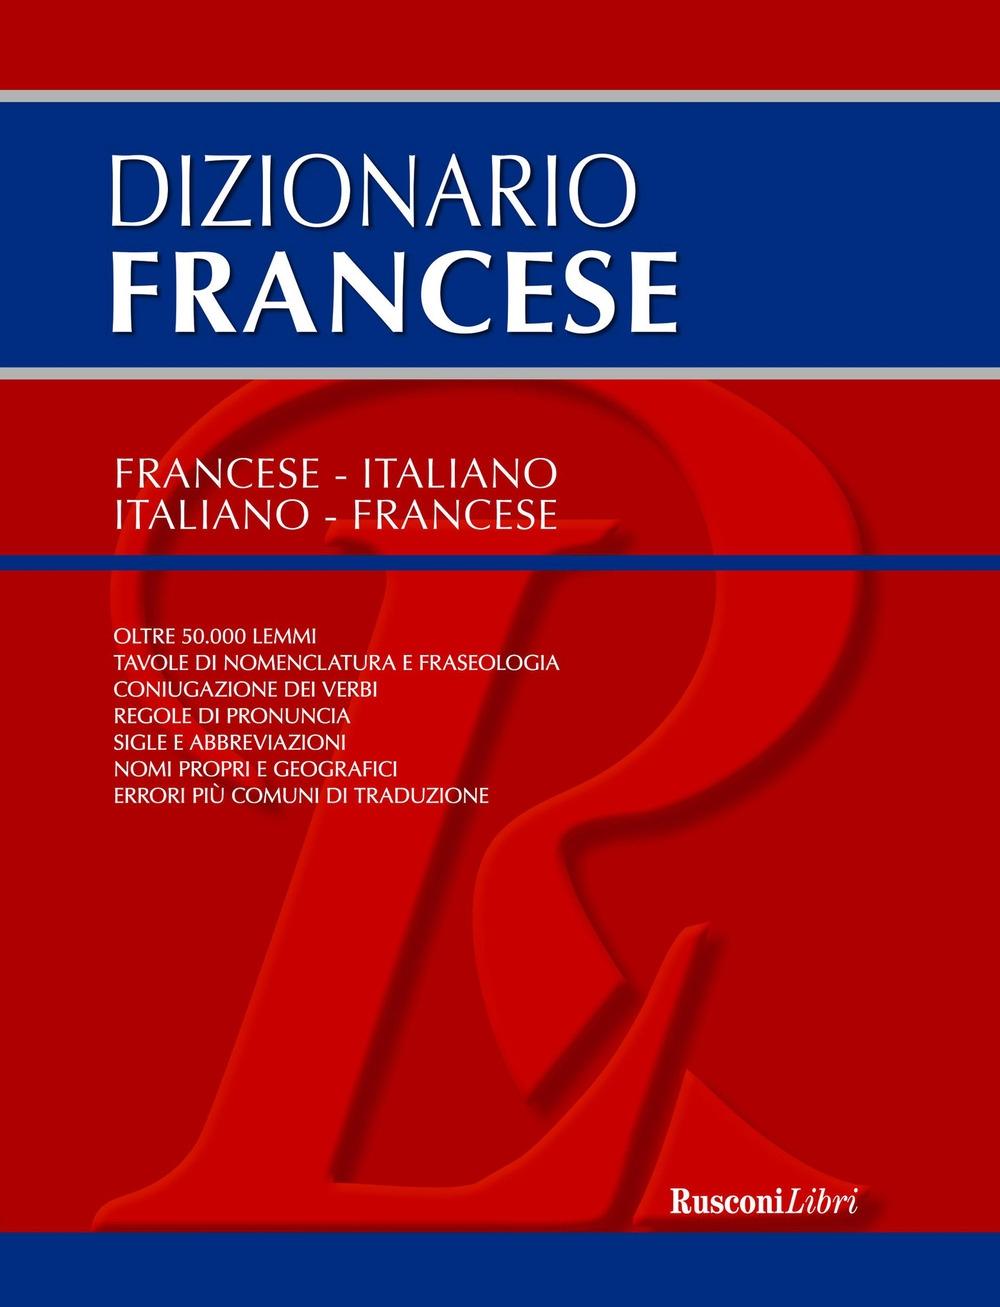 Dizionario francese